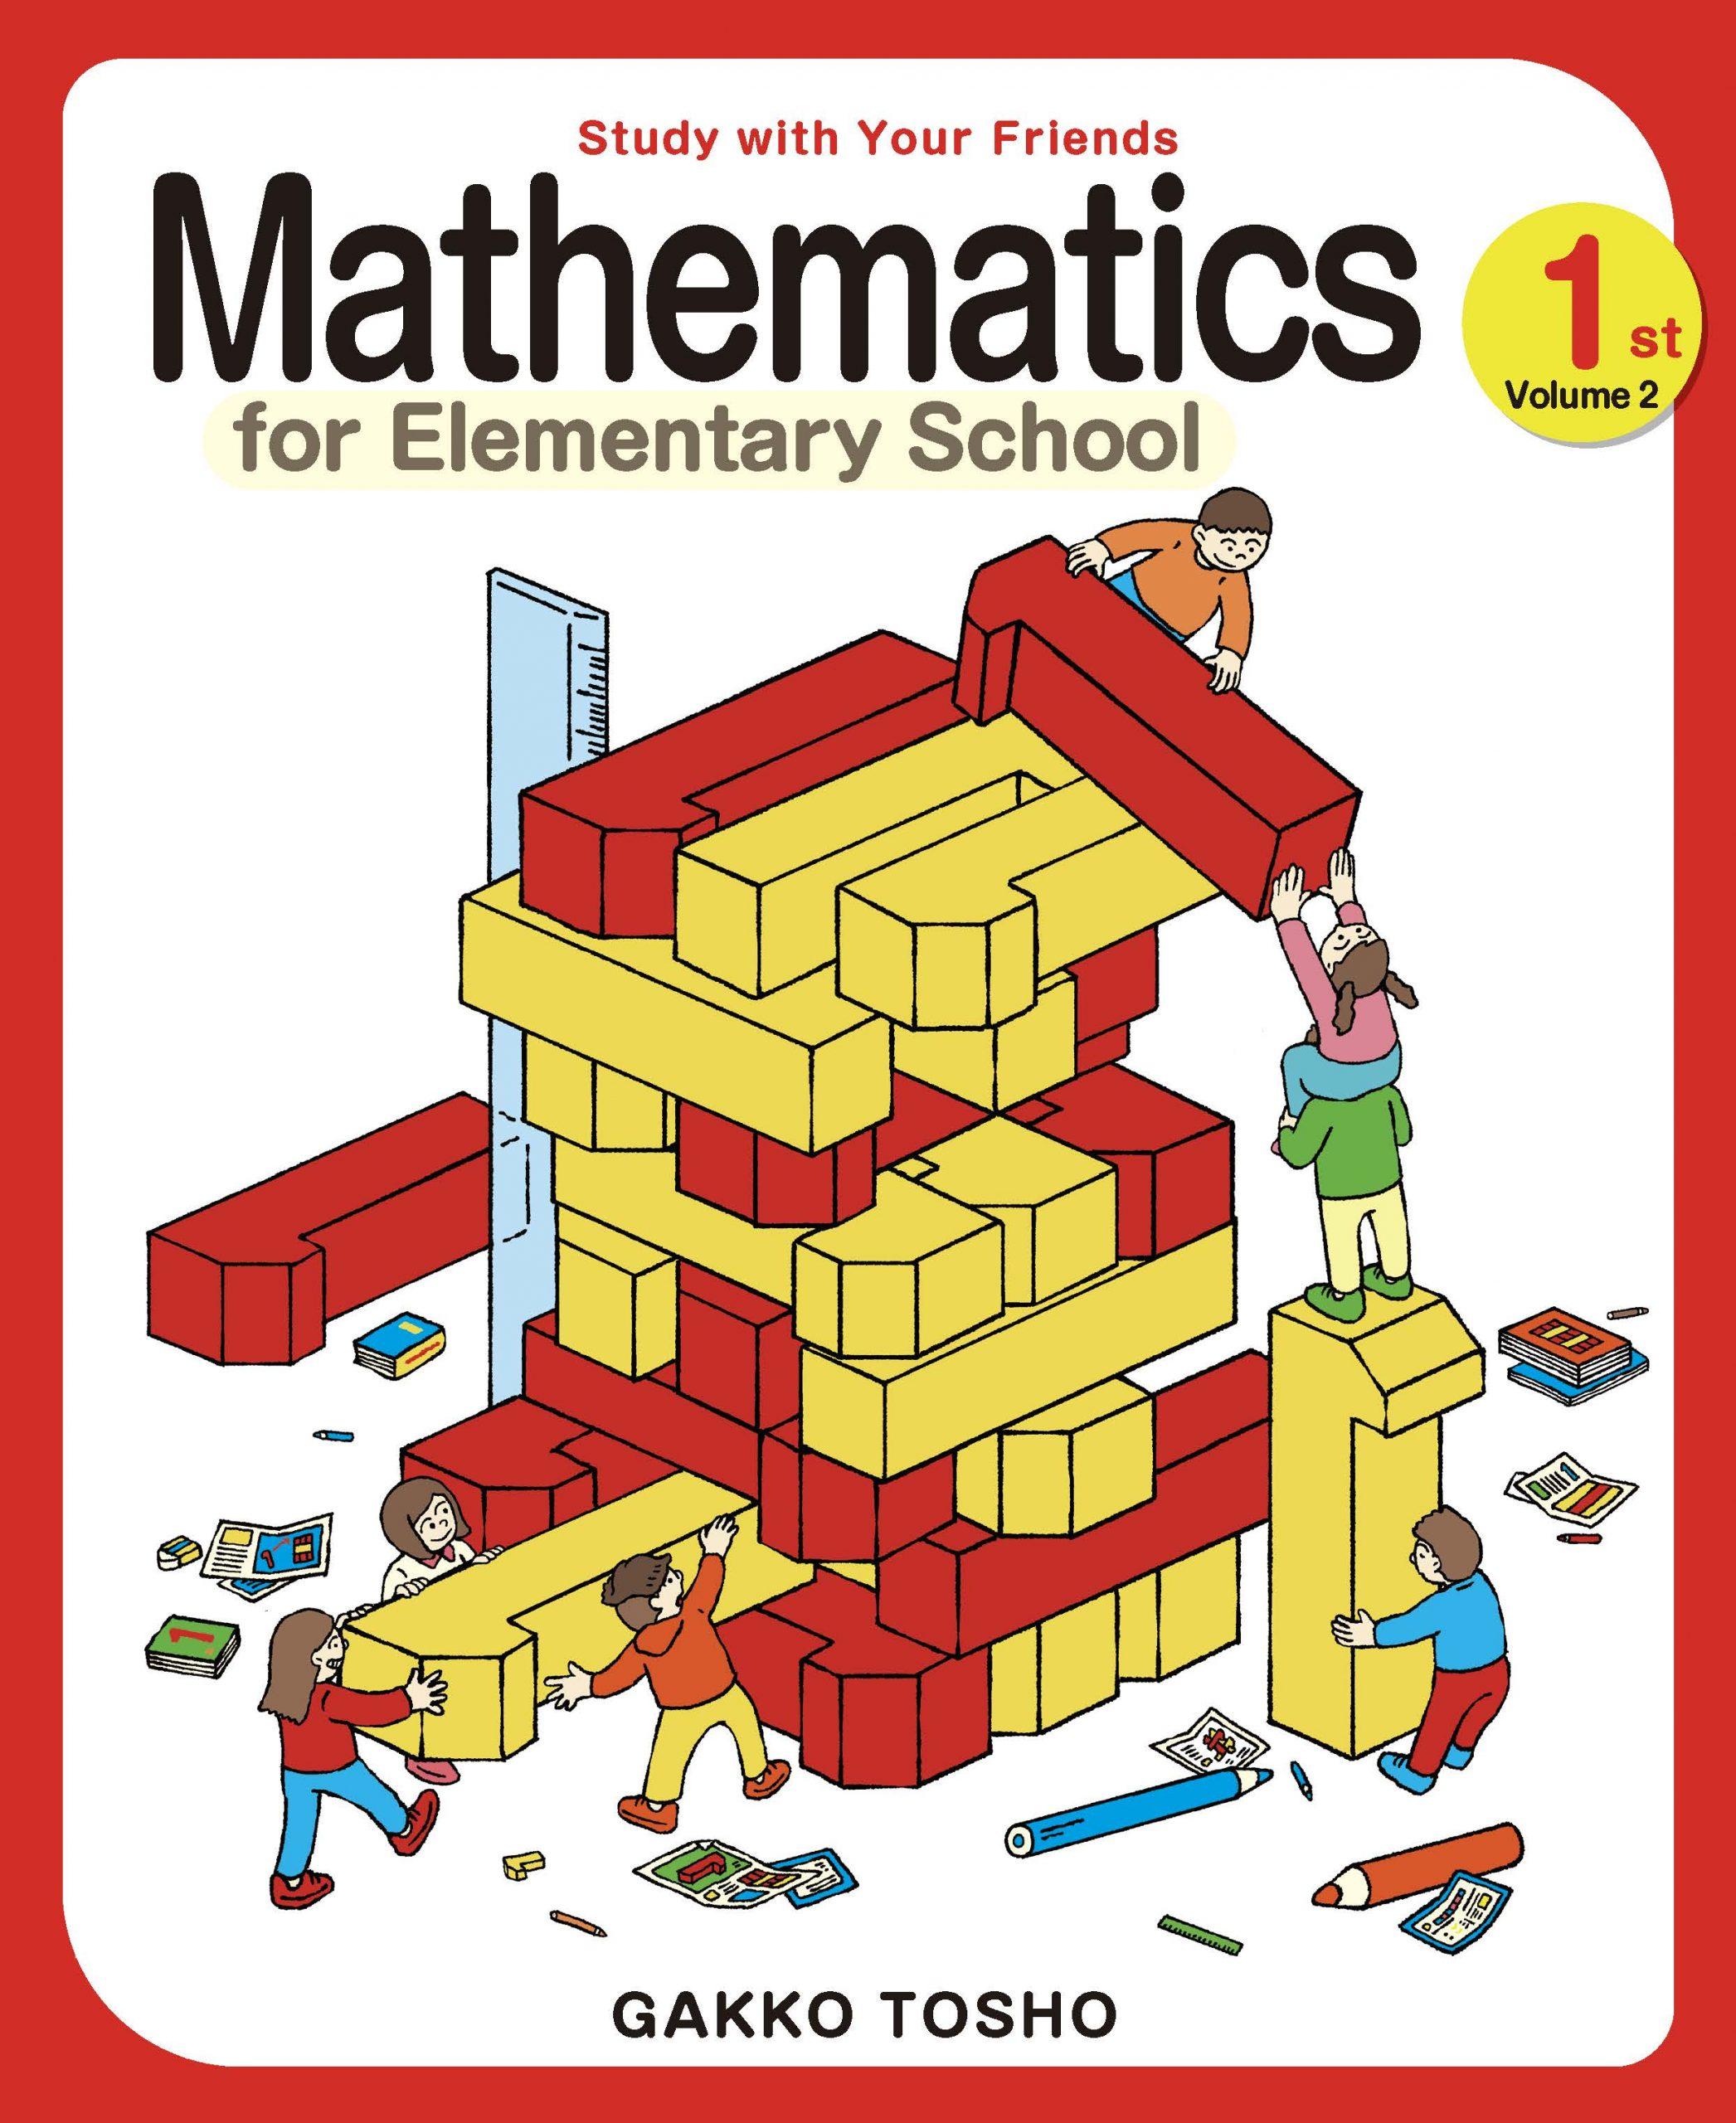 令和2年版 算数教科書英訳本1年下 MATHEMATICS 1st Grade VOL.2